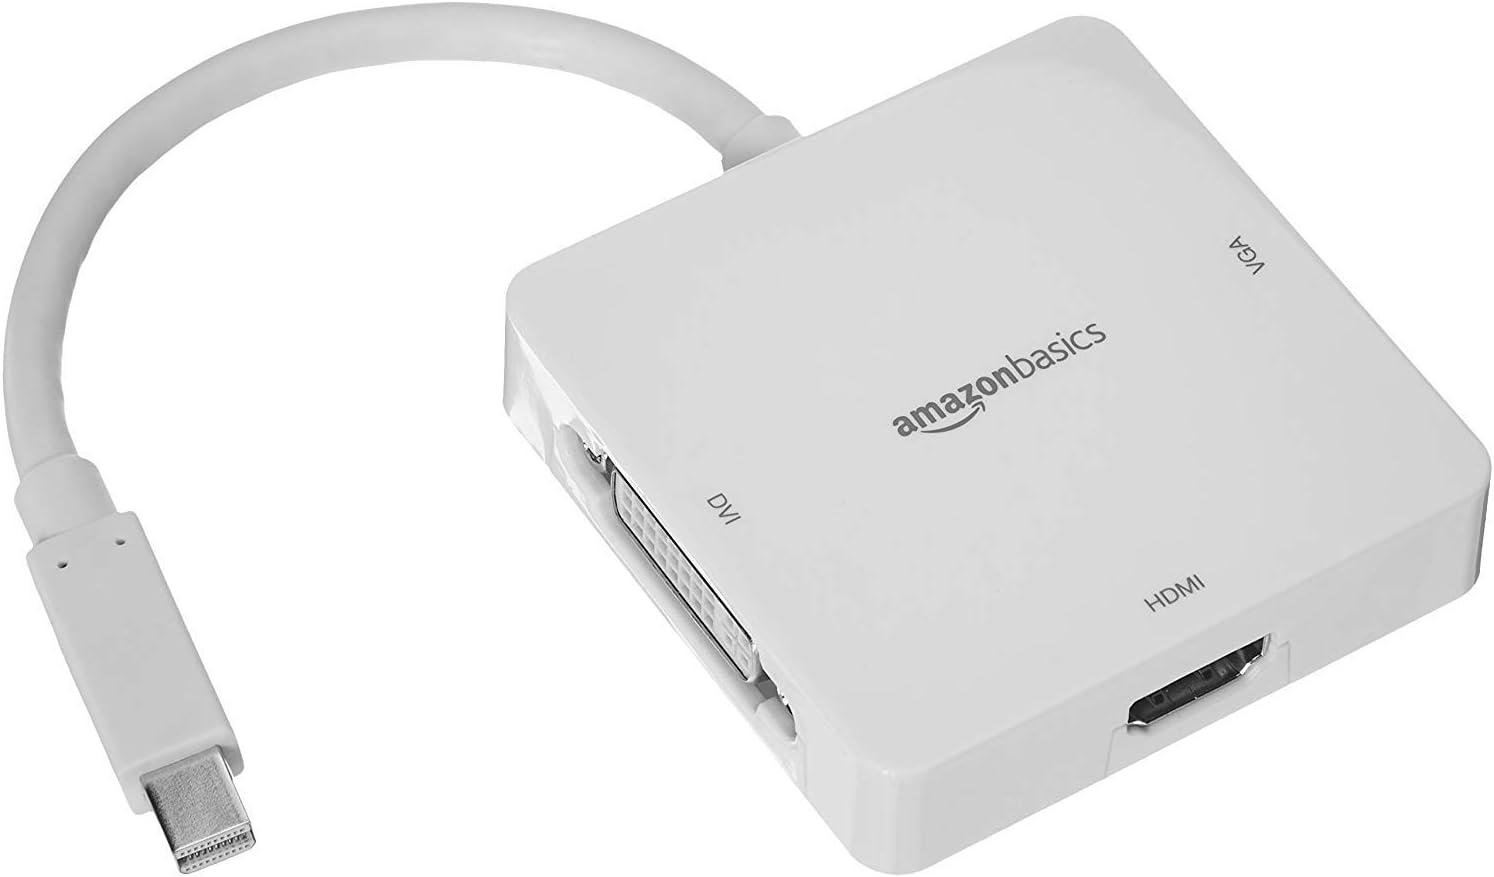 AmazonBasics - Adaptador de Mini DisplayPort a HDMI/DVI/VGA - Blanco